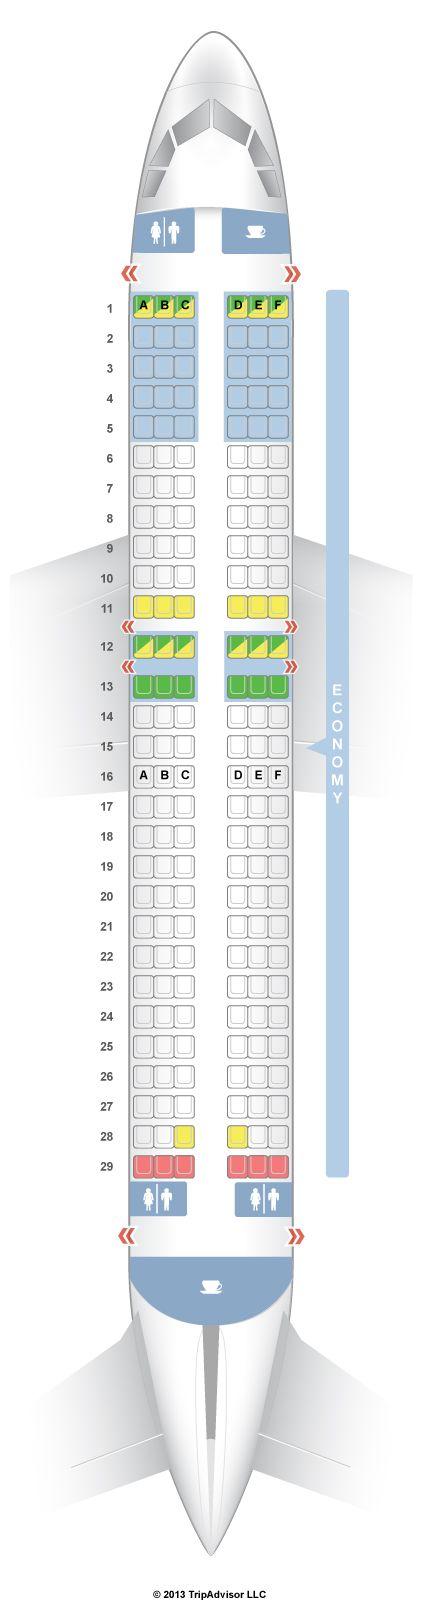 Seatguru Seat Map Volaris Airbus A320 320 Travel